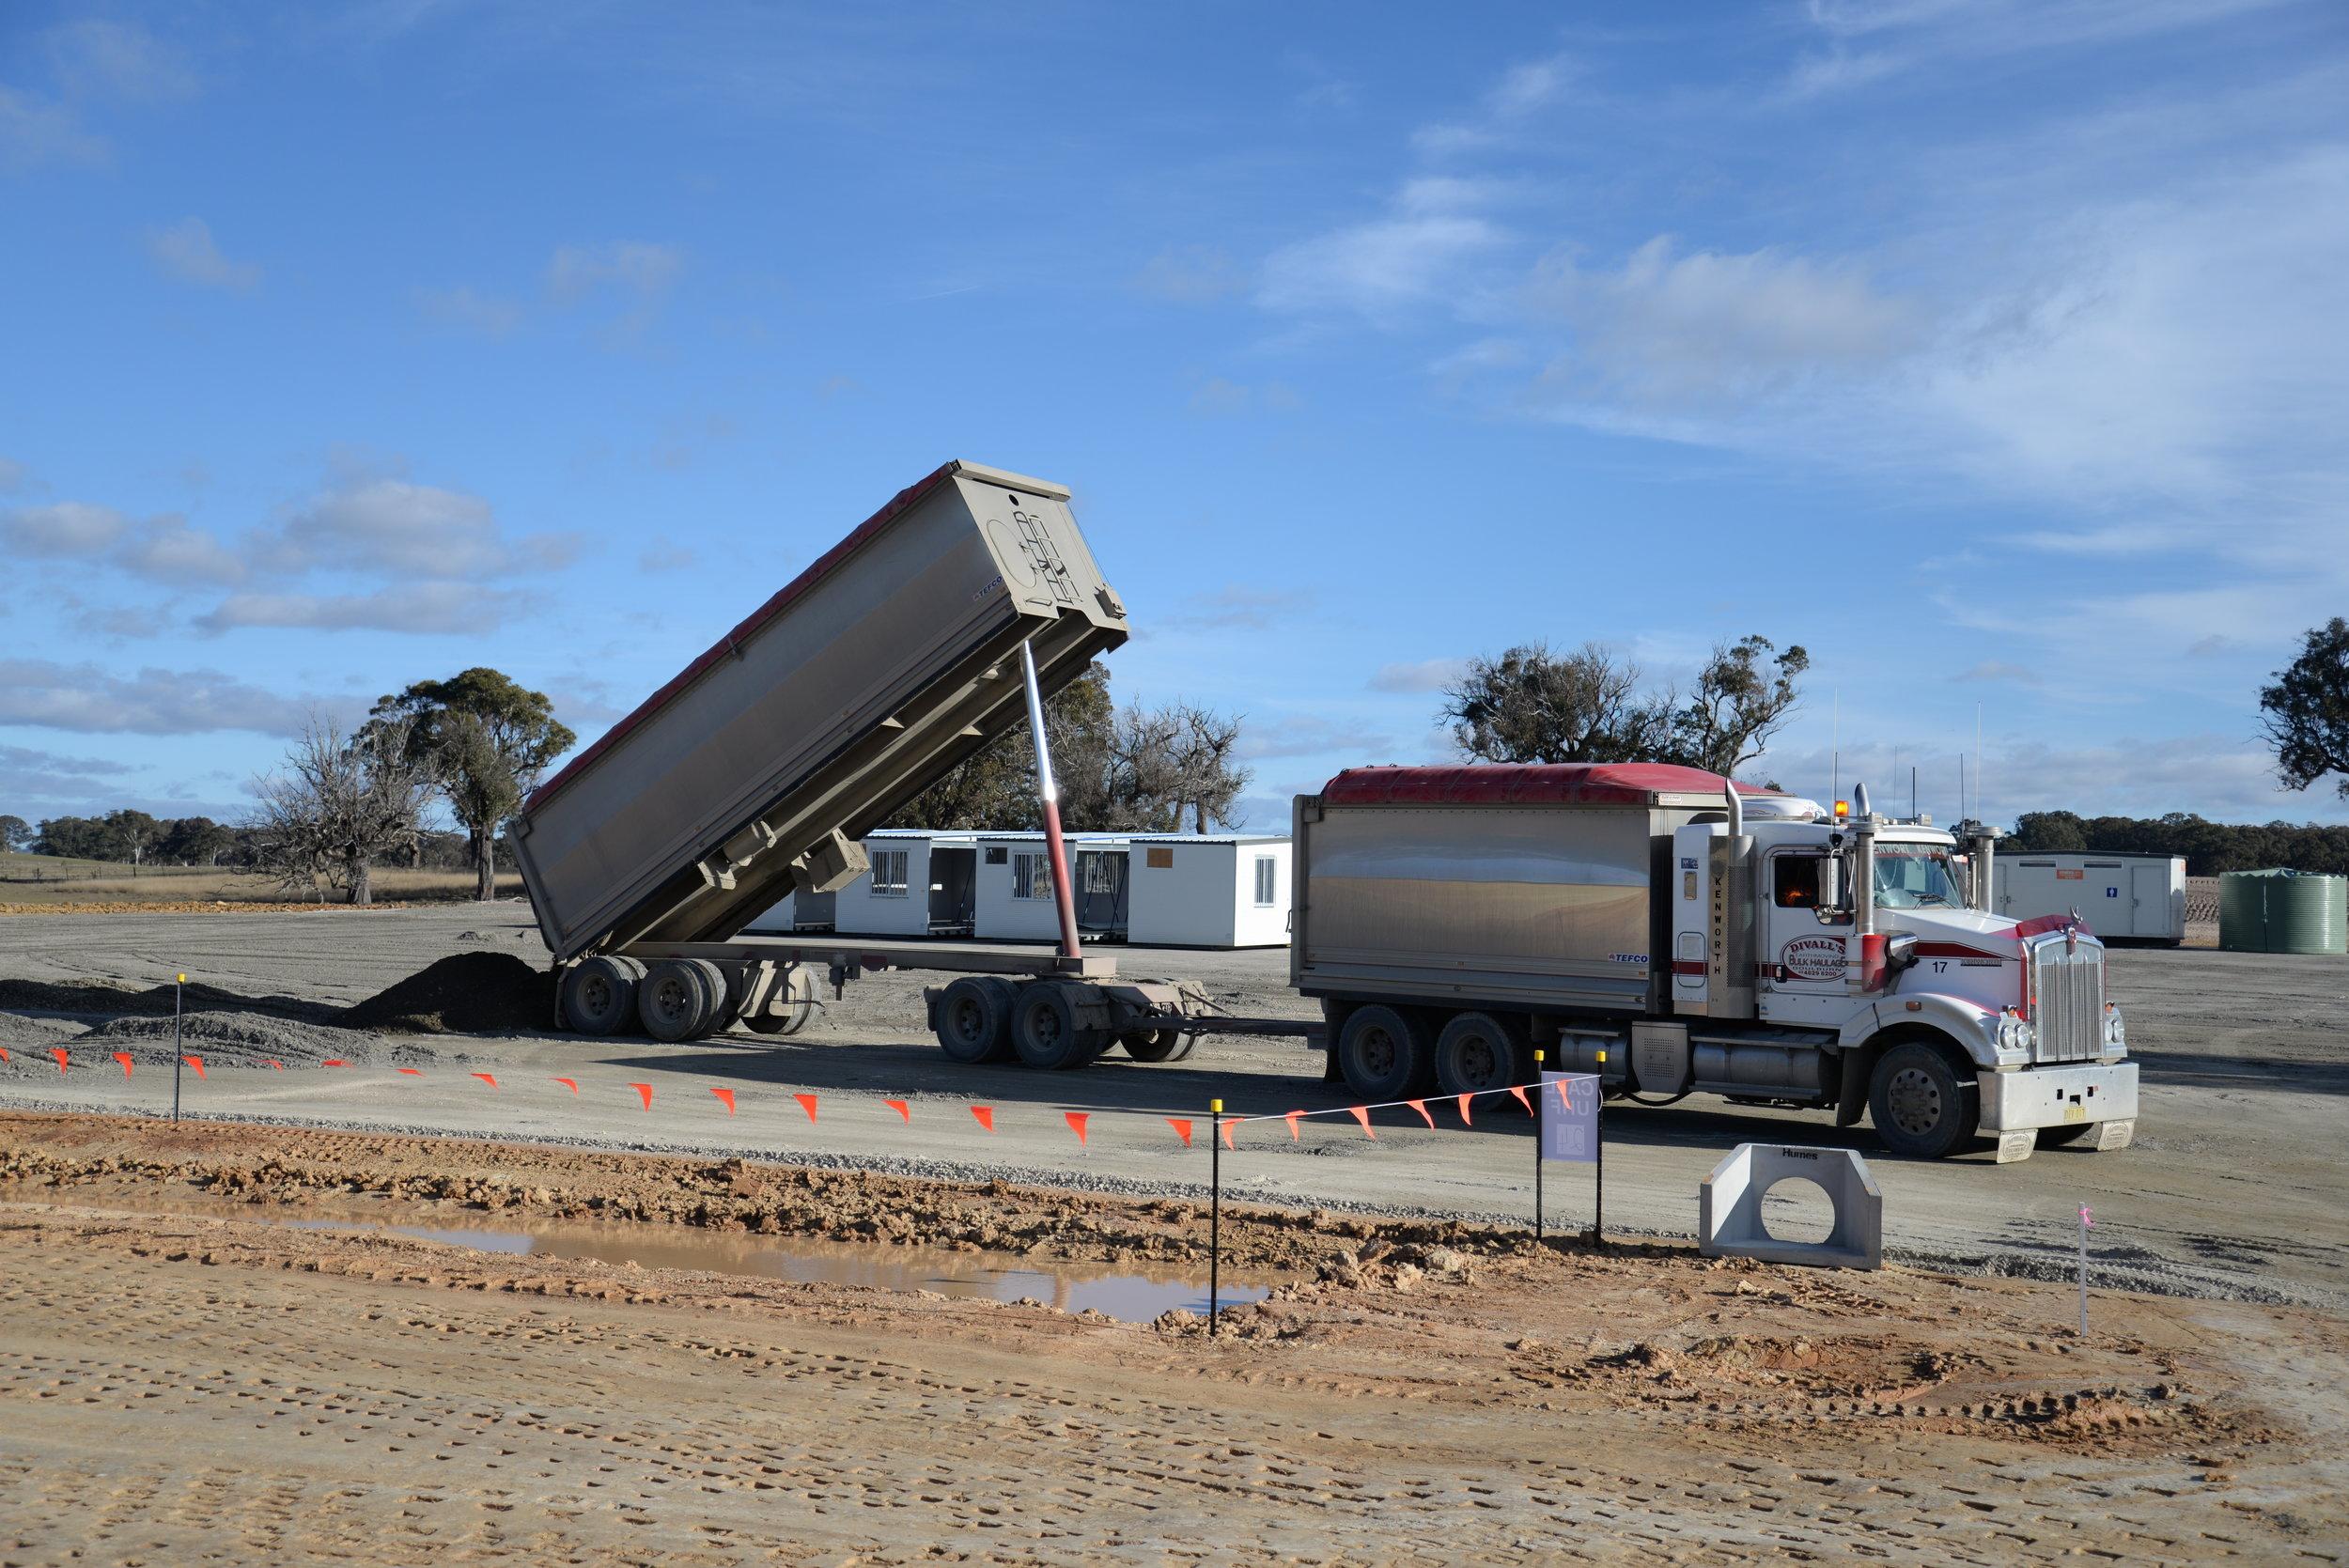 Construction compound